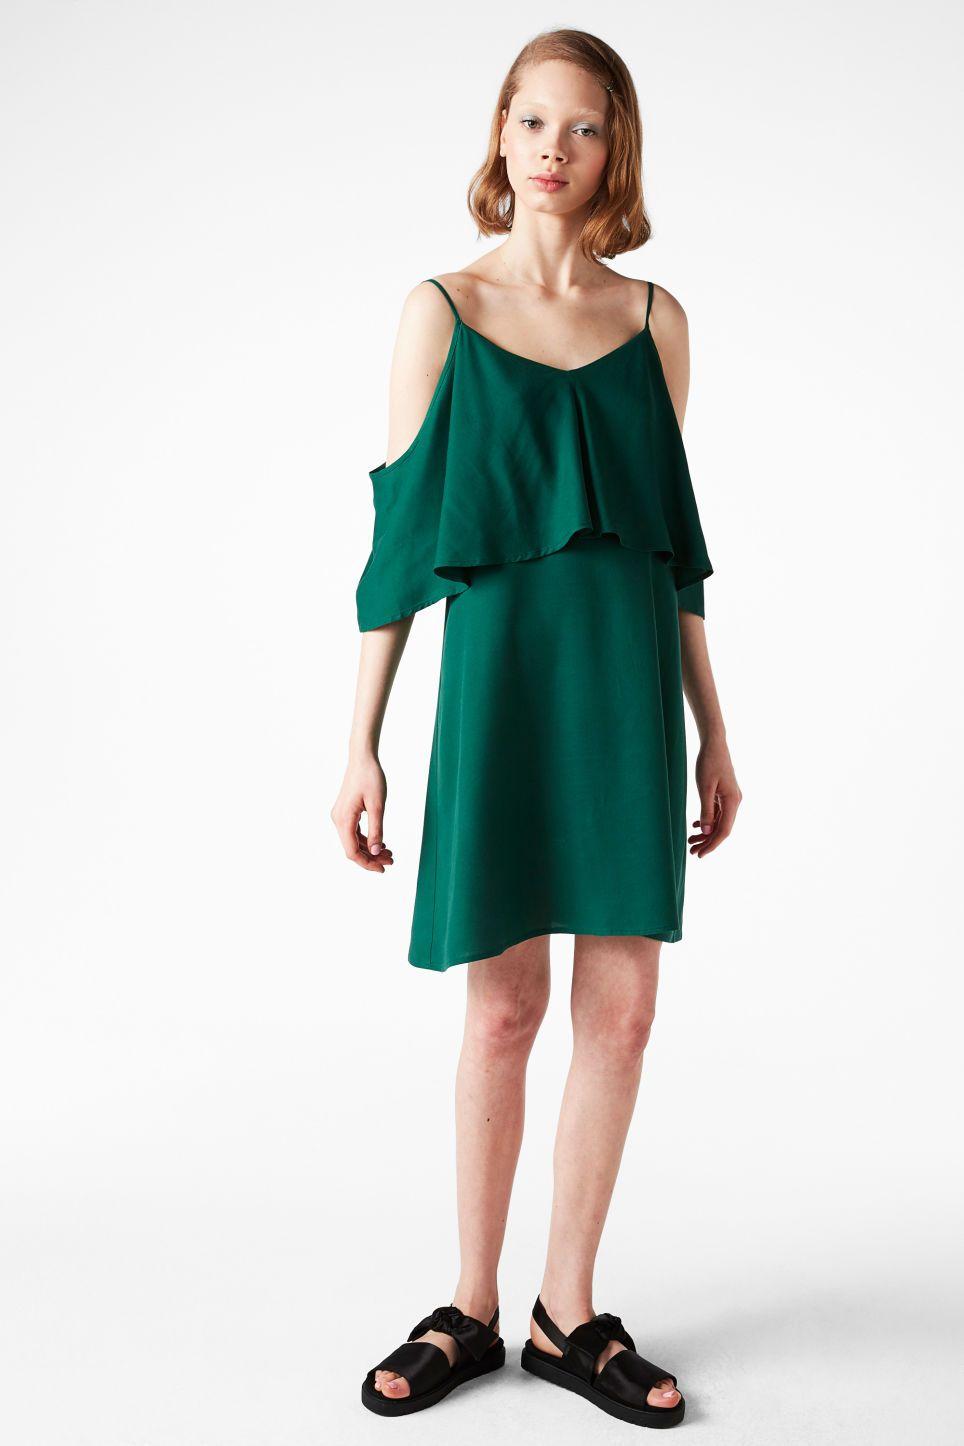 Monki Dresses Fashion Fashion Online Shop [ 1446 x 964 Pixel ]